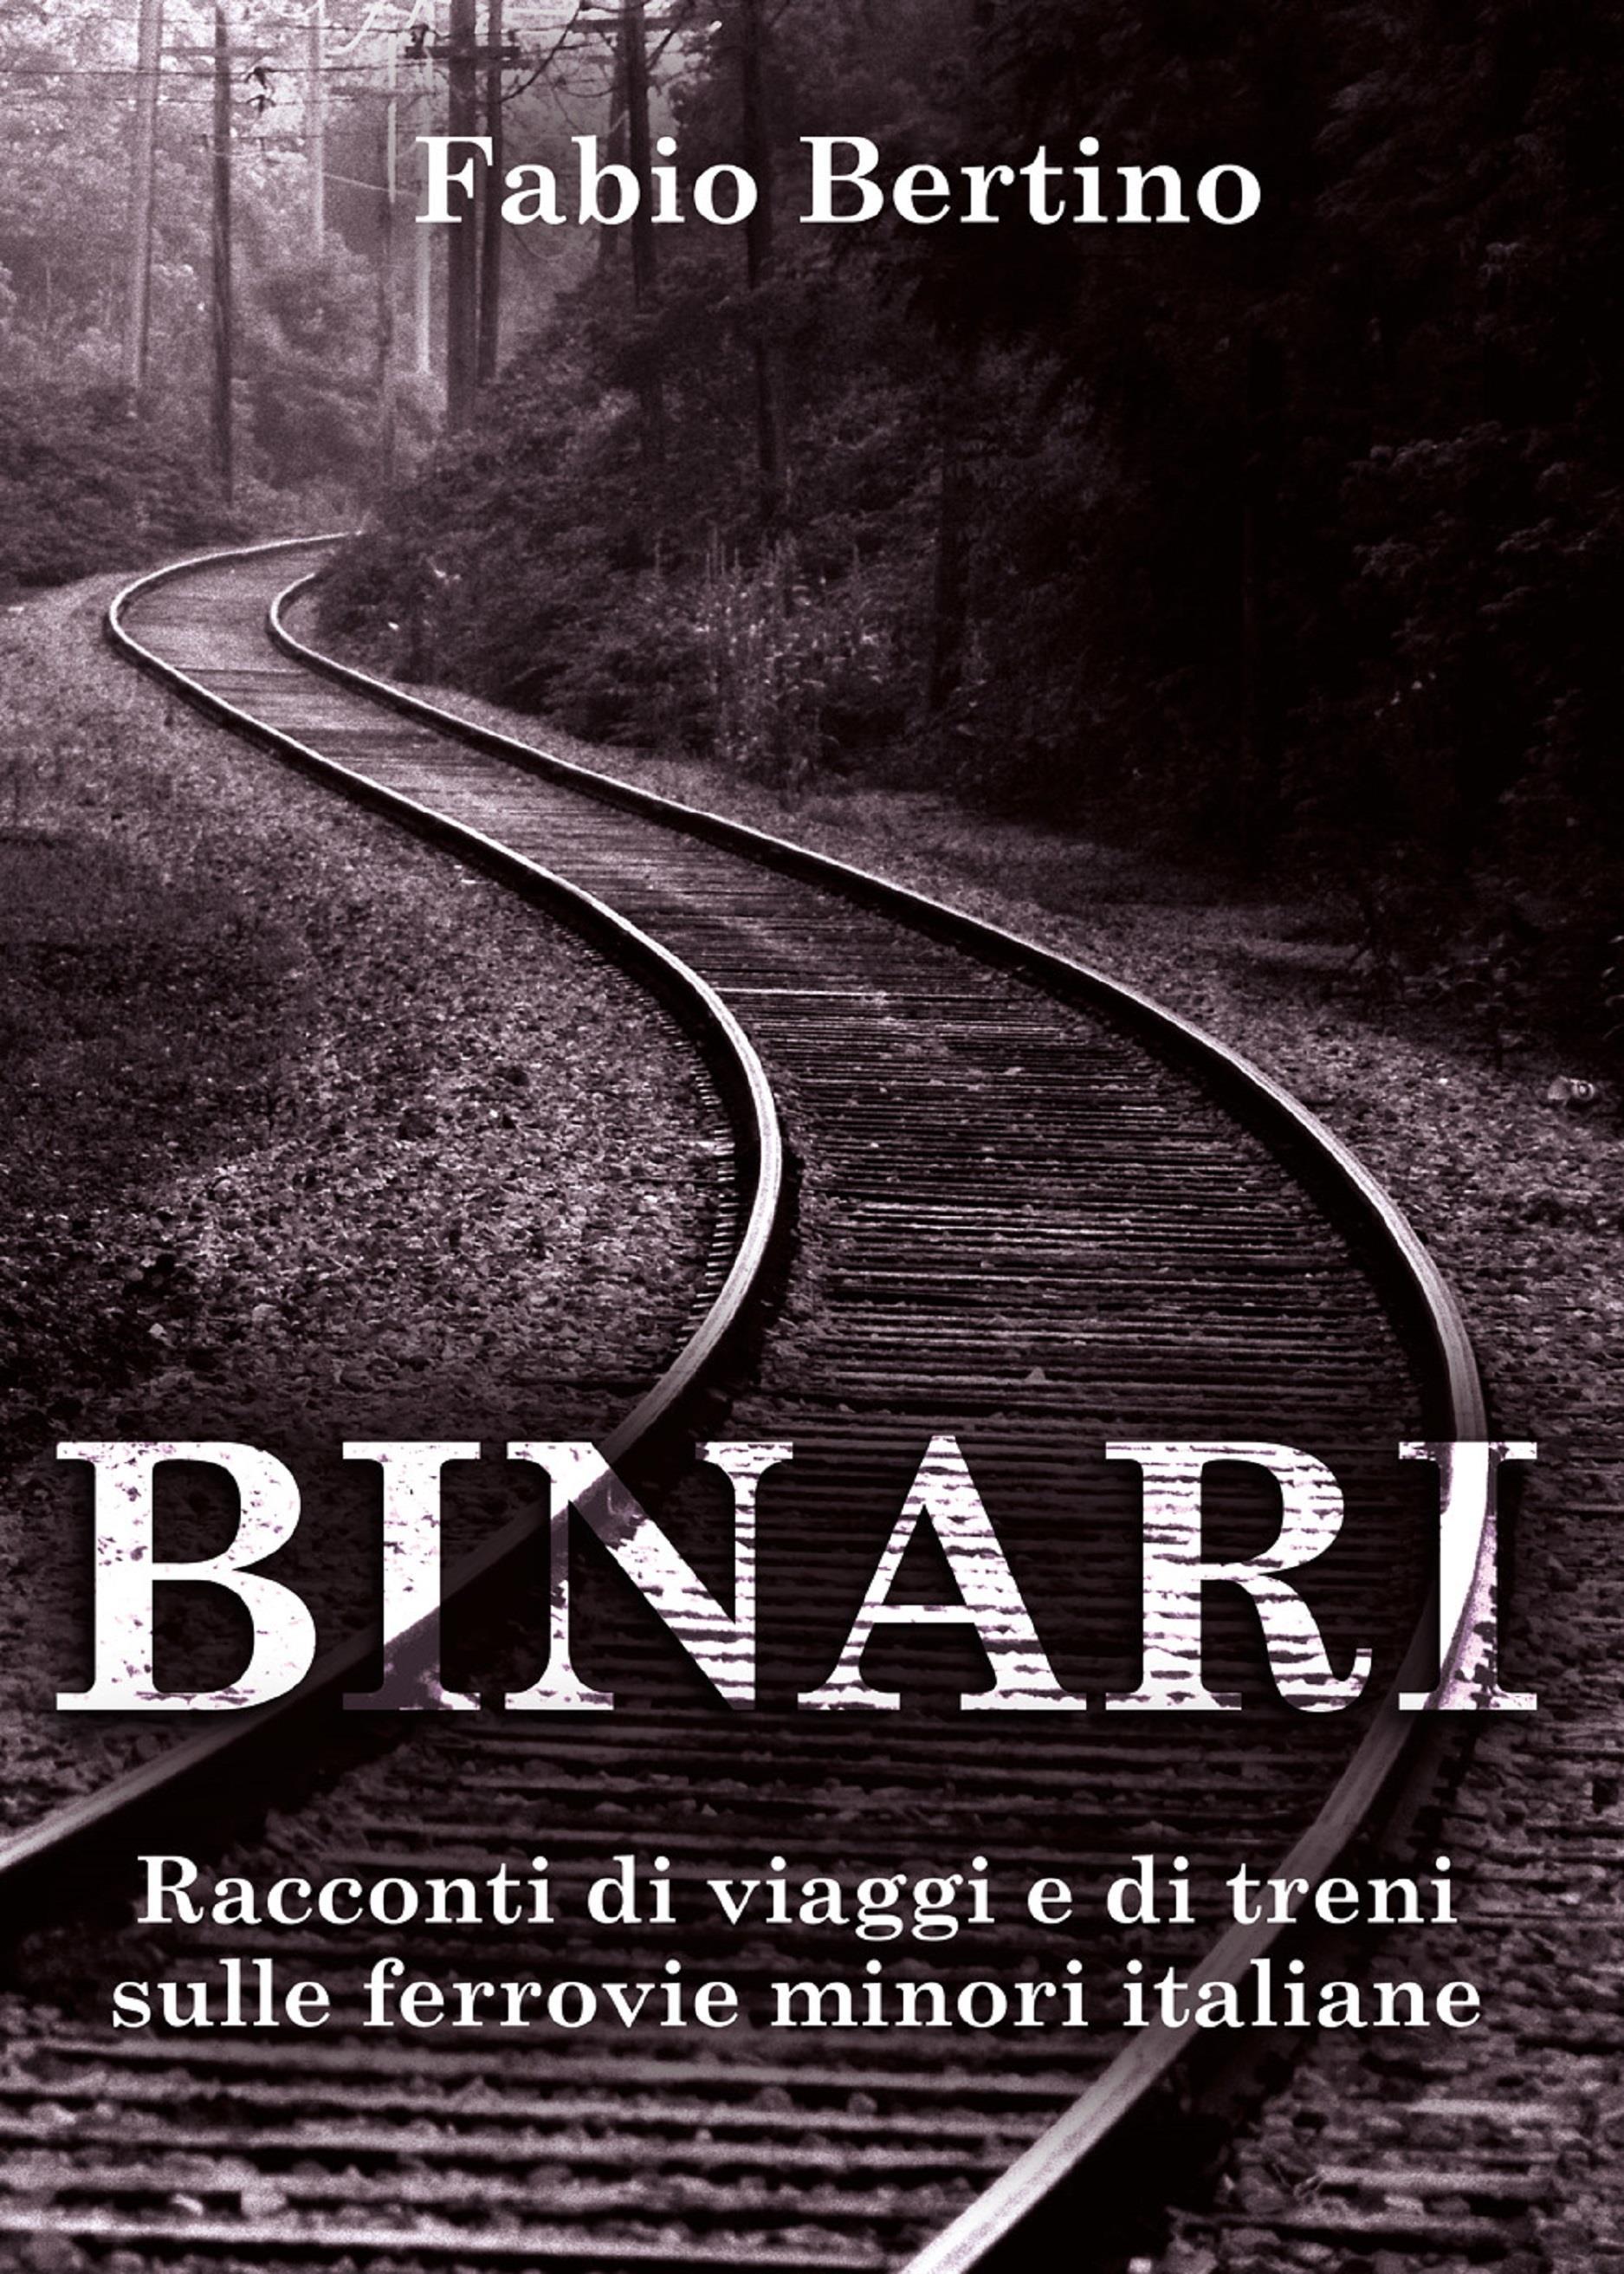 Binari. Racconti di viaggi e di treni sulle ferrovie minori italiane.